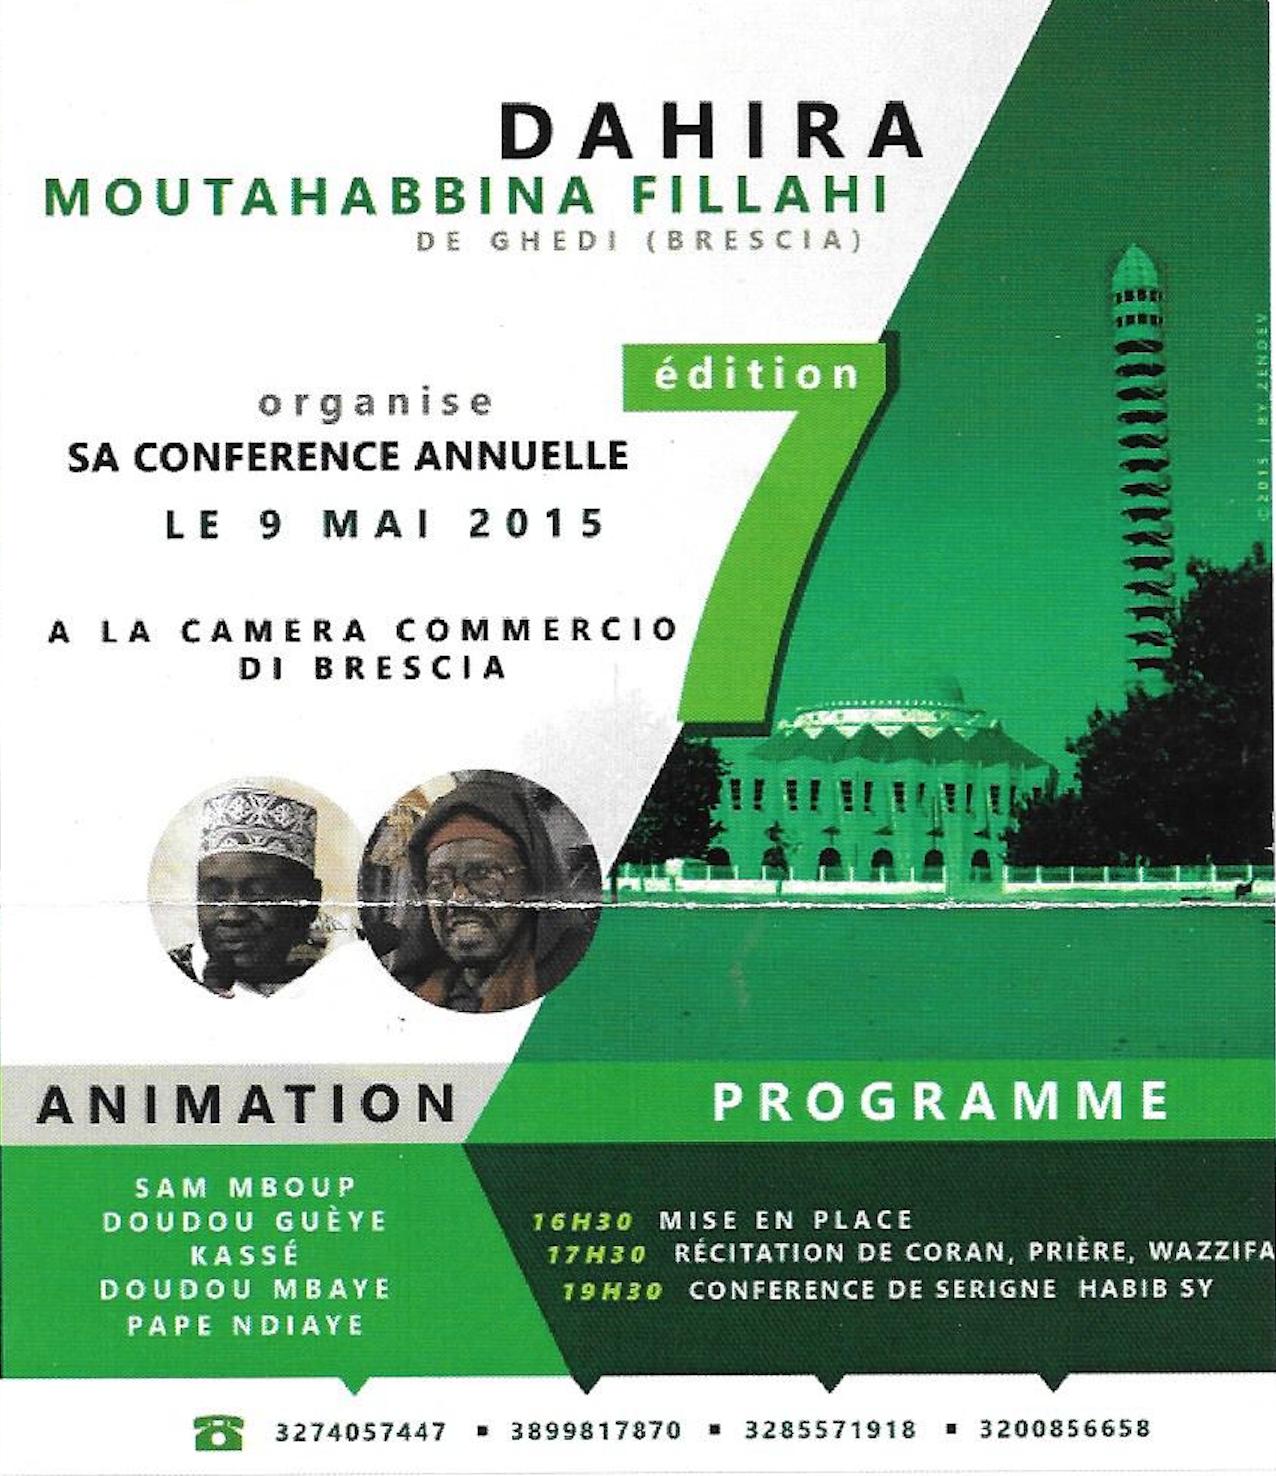 BRESCIA (ITALIE) - Conférence du Dahira Moutahabina Filahi de Serigne Habib Sy Mansour, ce Samedi 9 Mai 2015